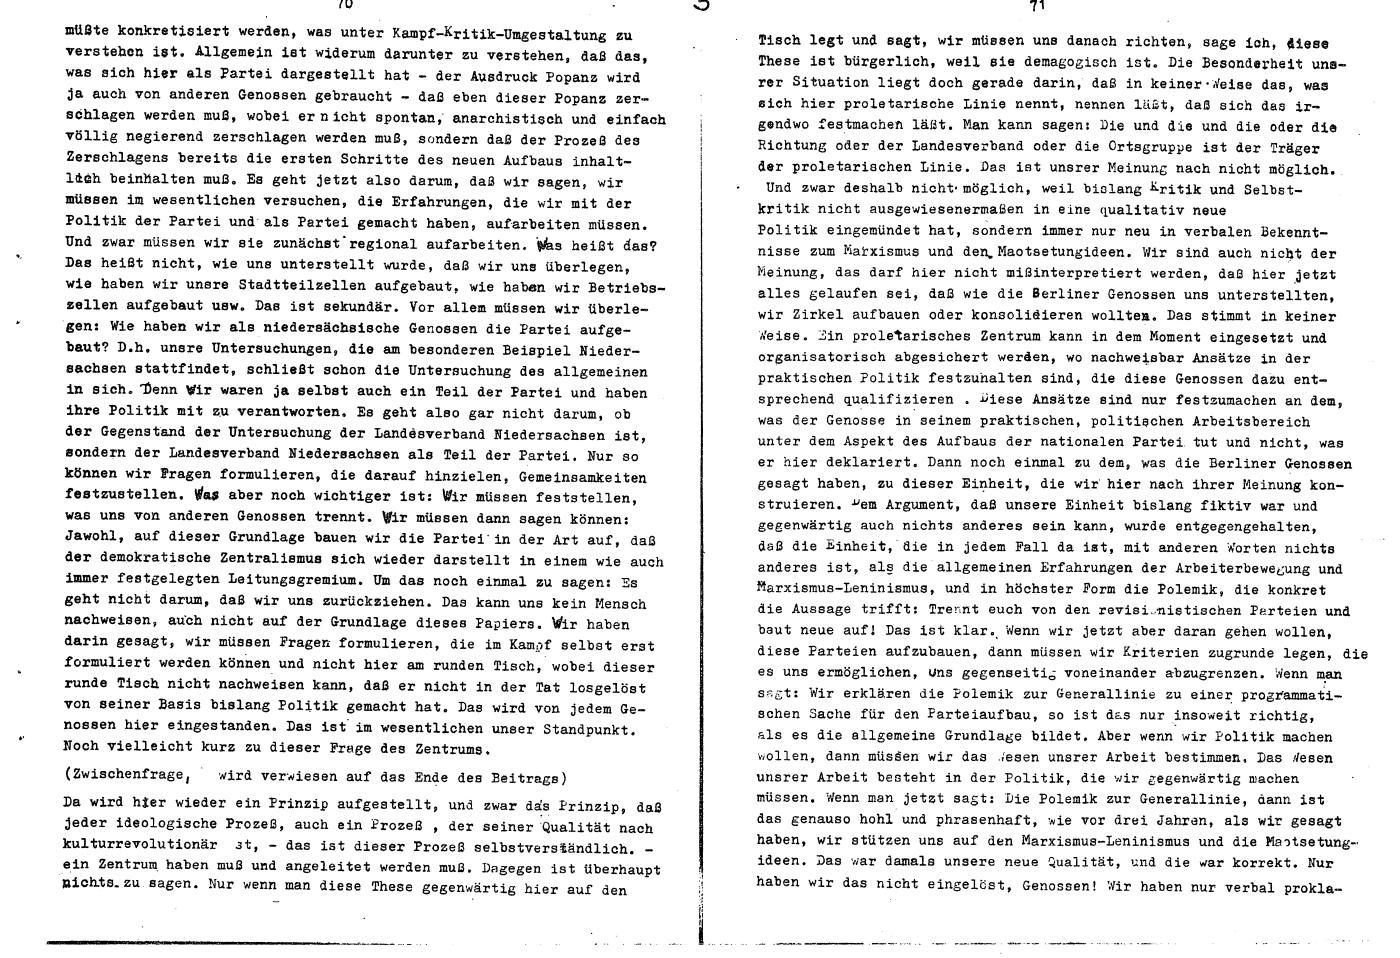 KPDML_1971_Wortprotokolle_aoPt_024